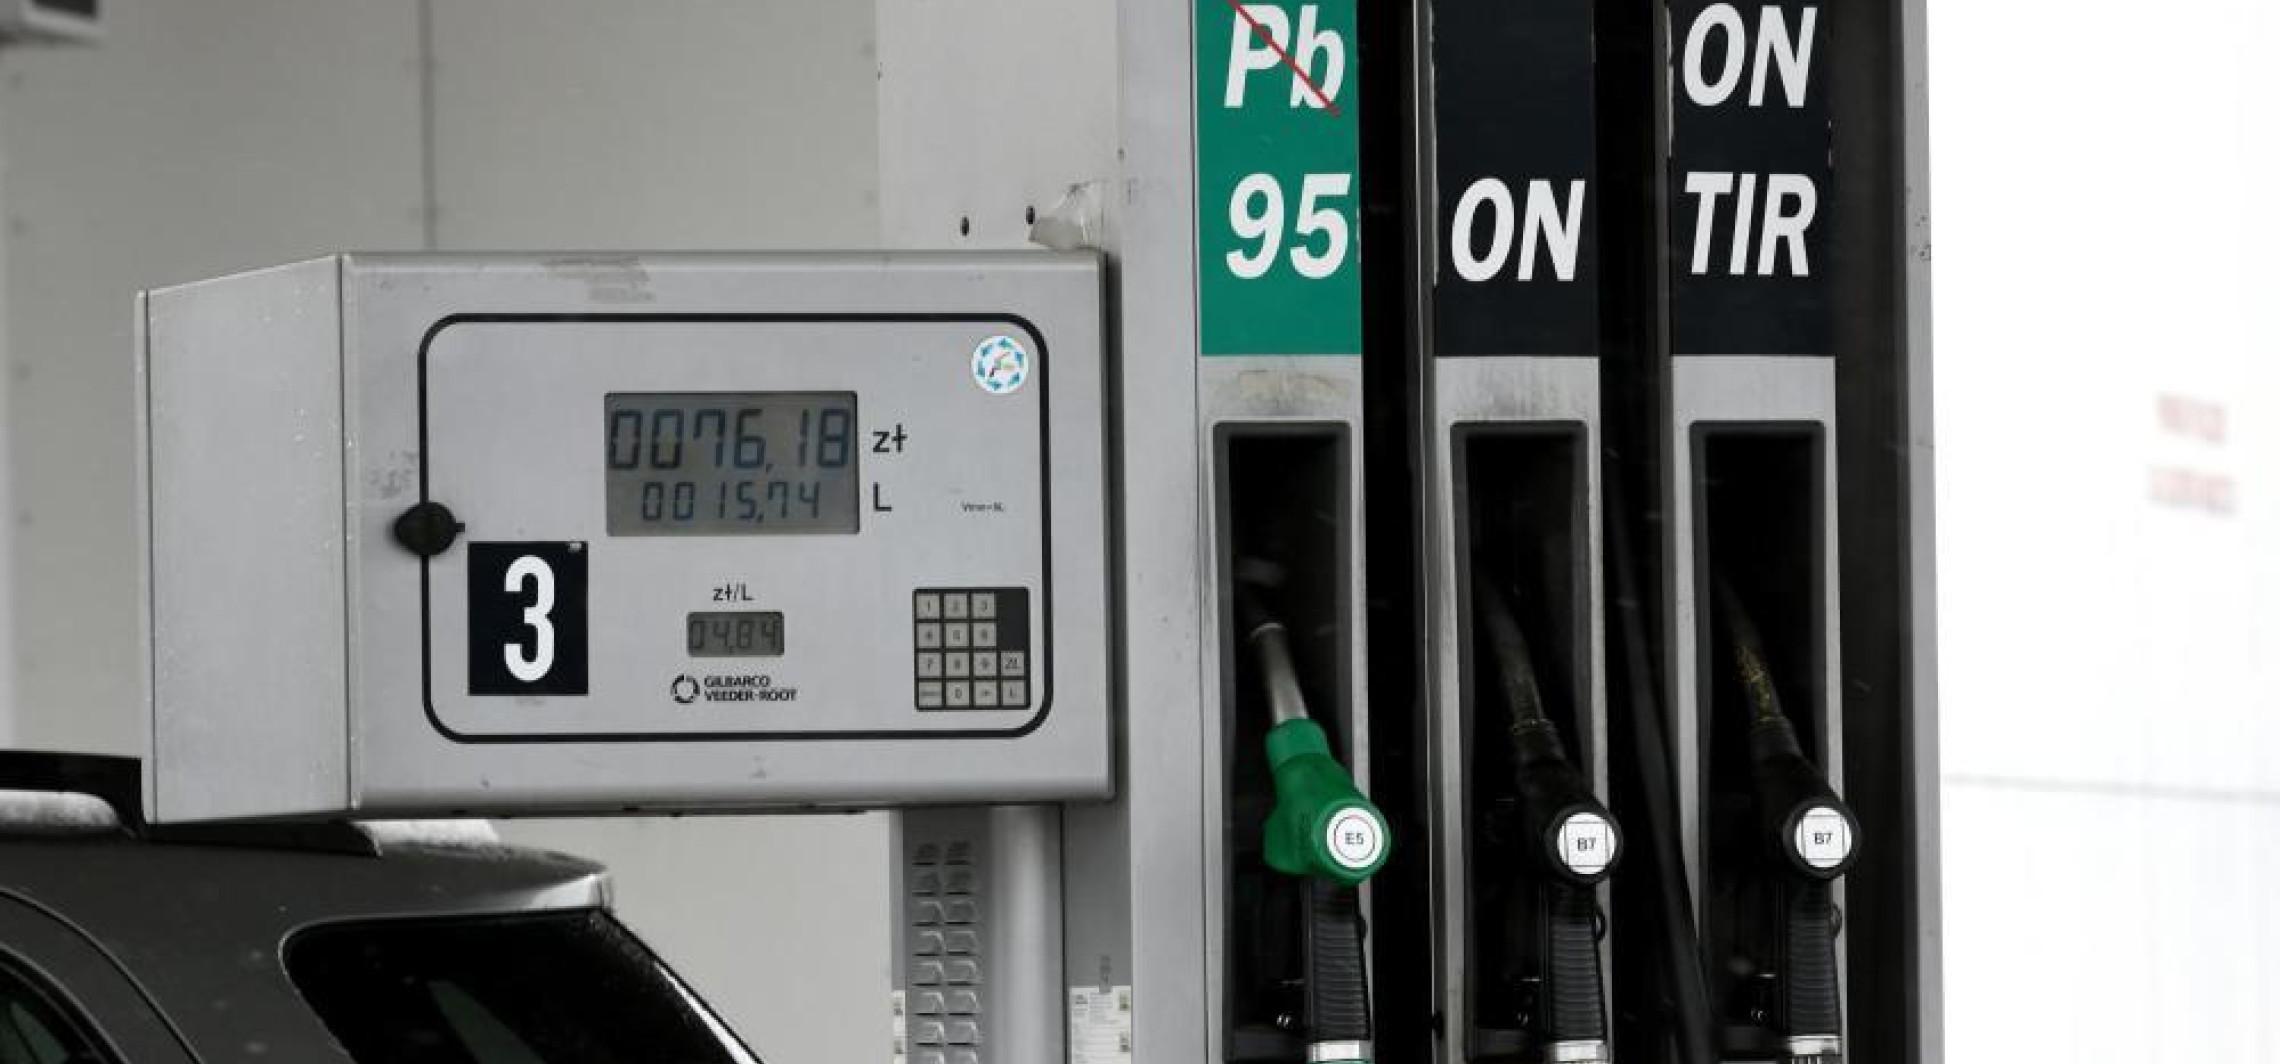 Analitycy: ceny oleju napędowego wyraźnie pójdą w górę